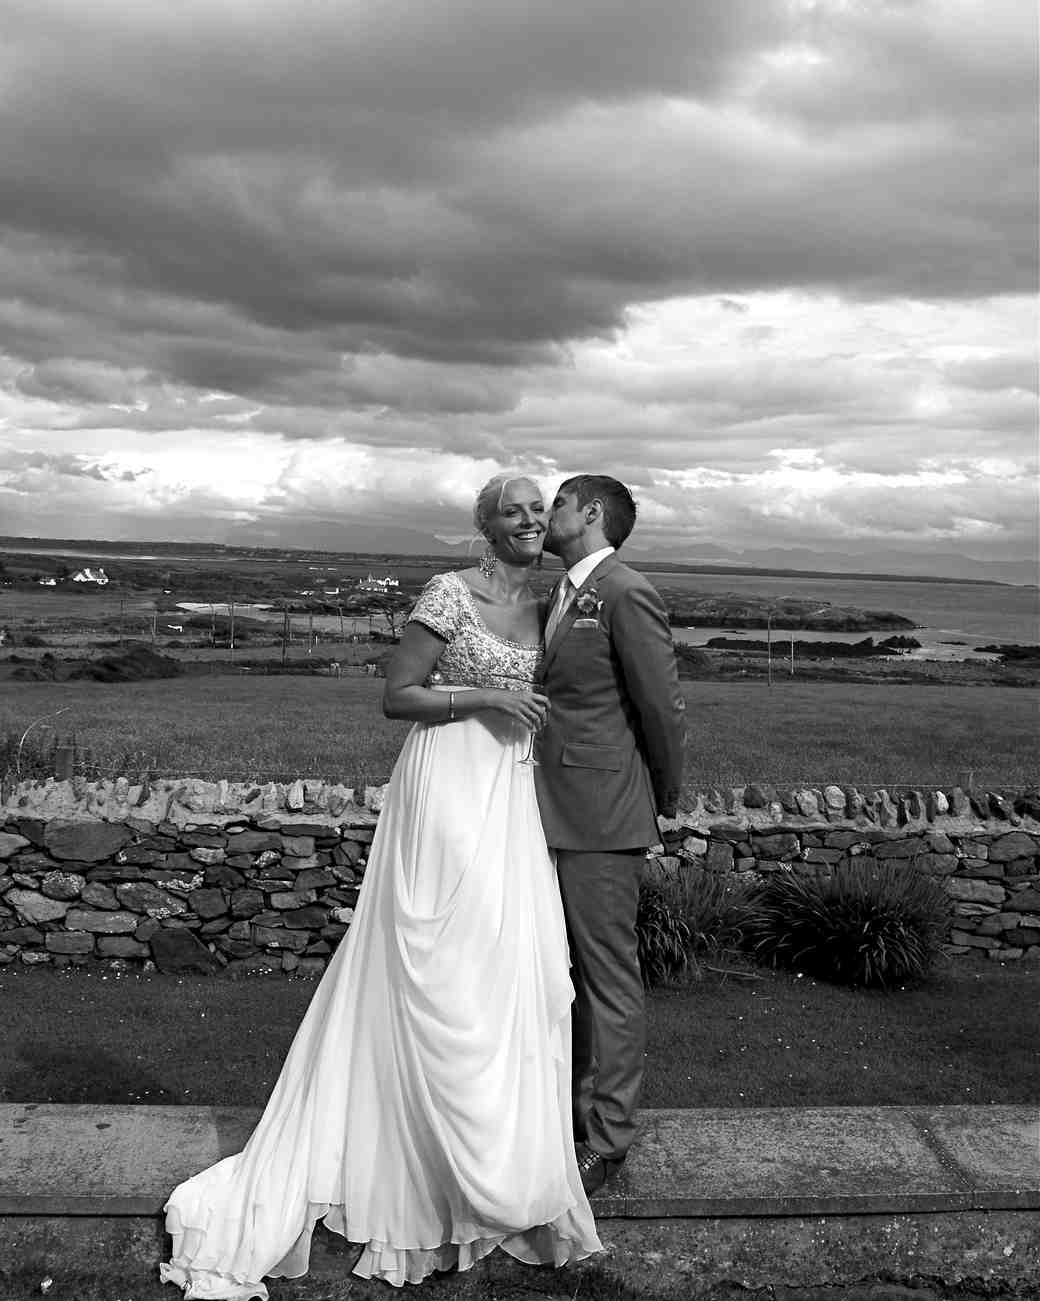 Marchesa Designer Keren Craig Wedding Photo